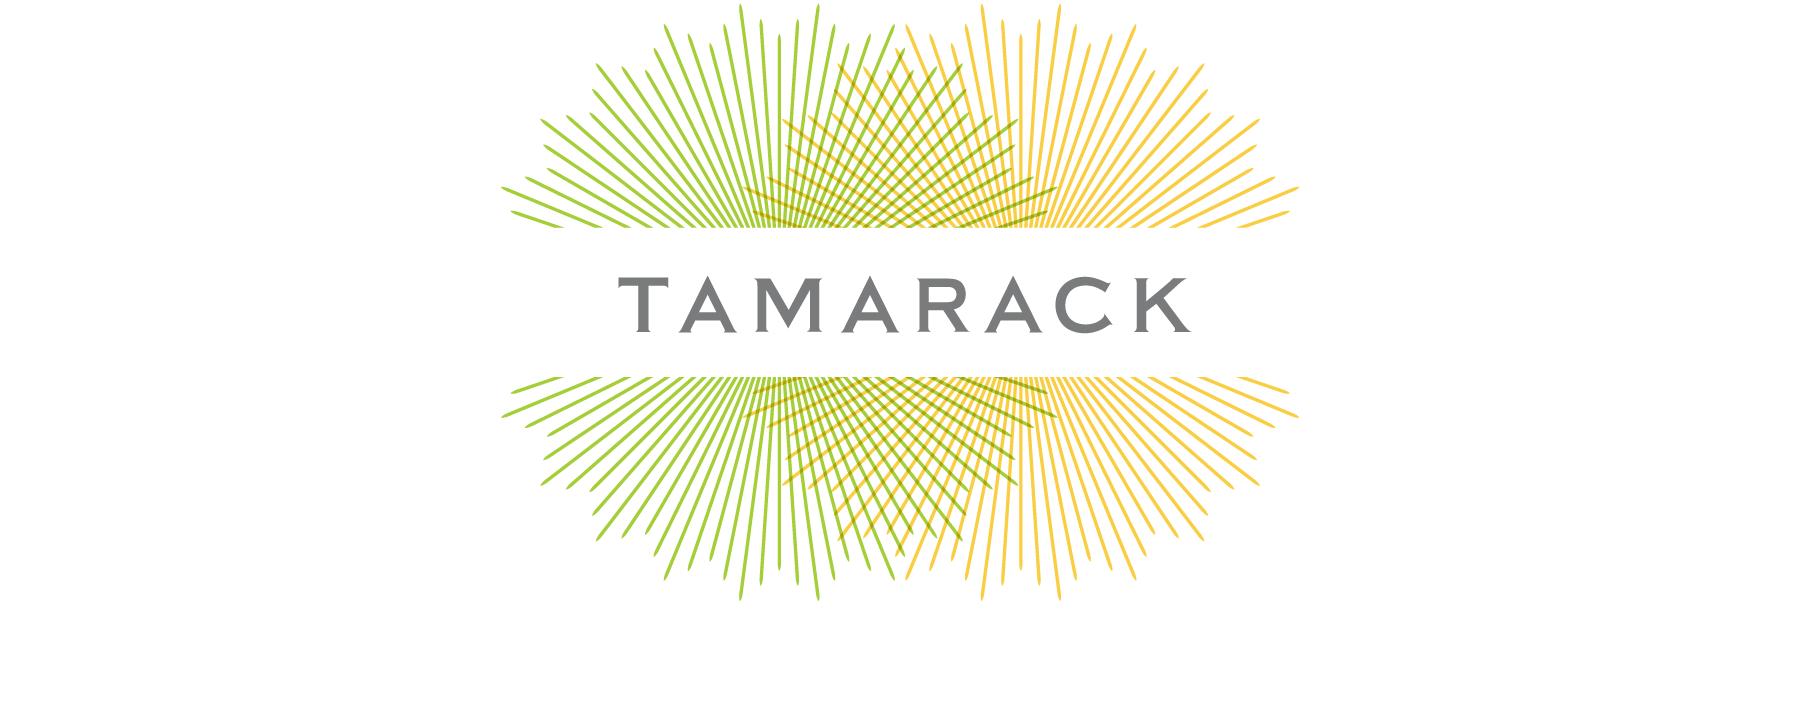 Tamarack_logo .png